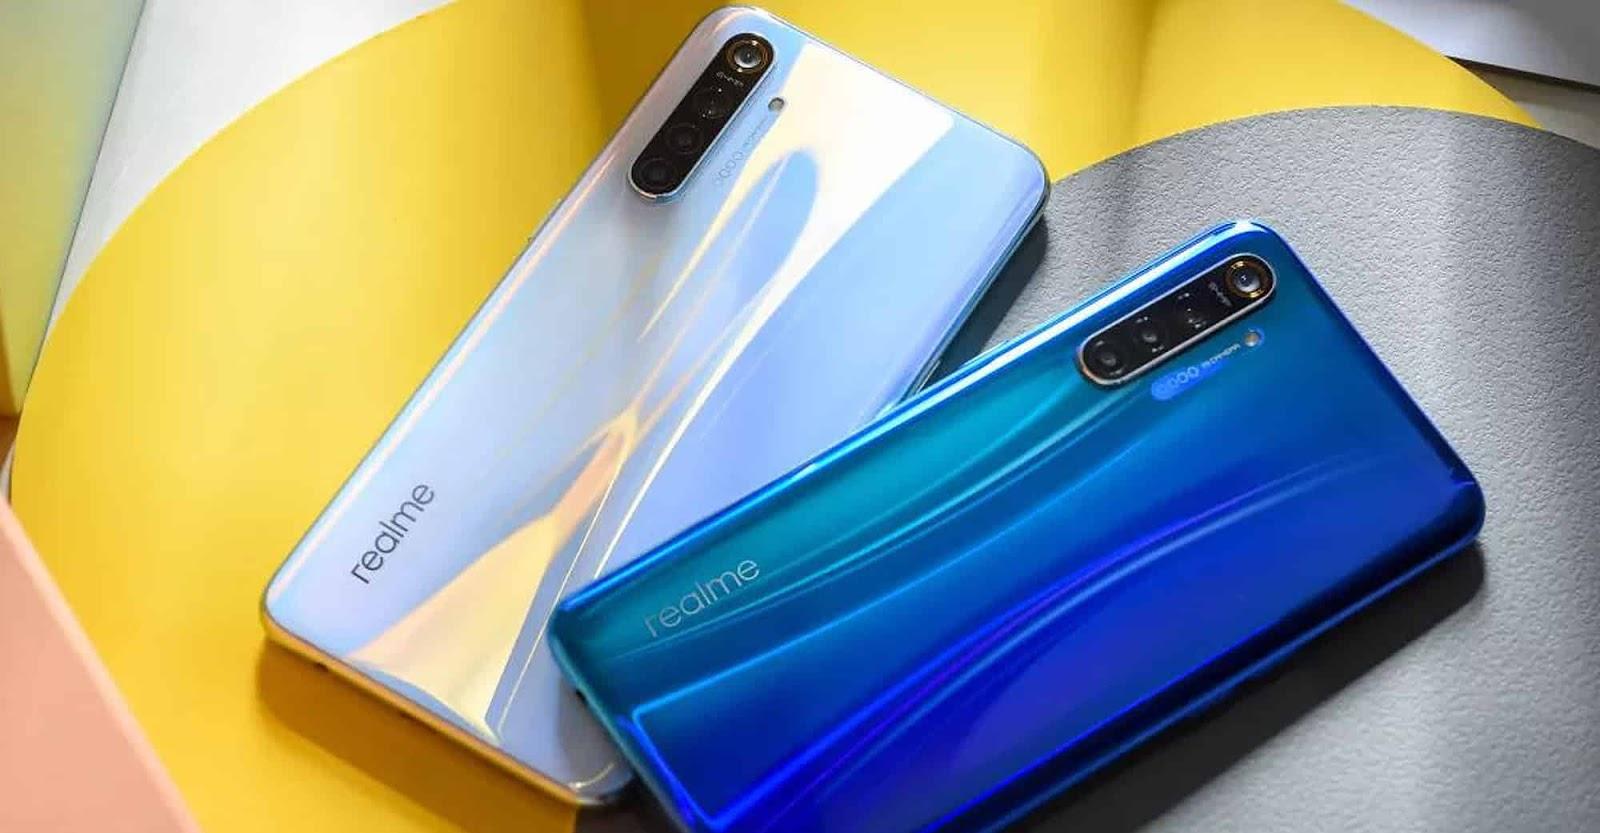 Realme X2 Pro, Smartphone Flagship yang Menggunakan SoC Snapdragon 855+ Segera Meluncur 1